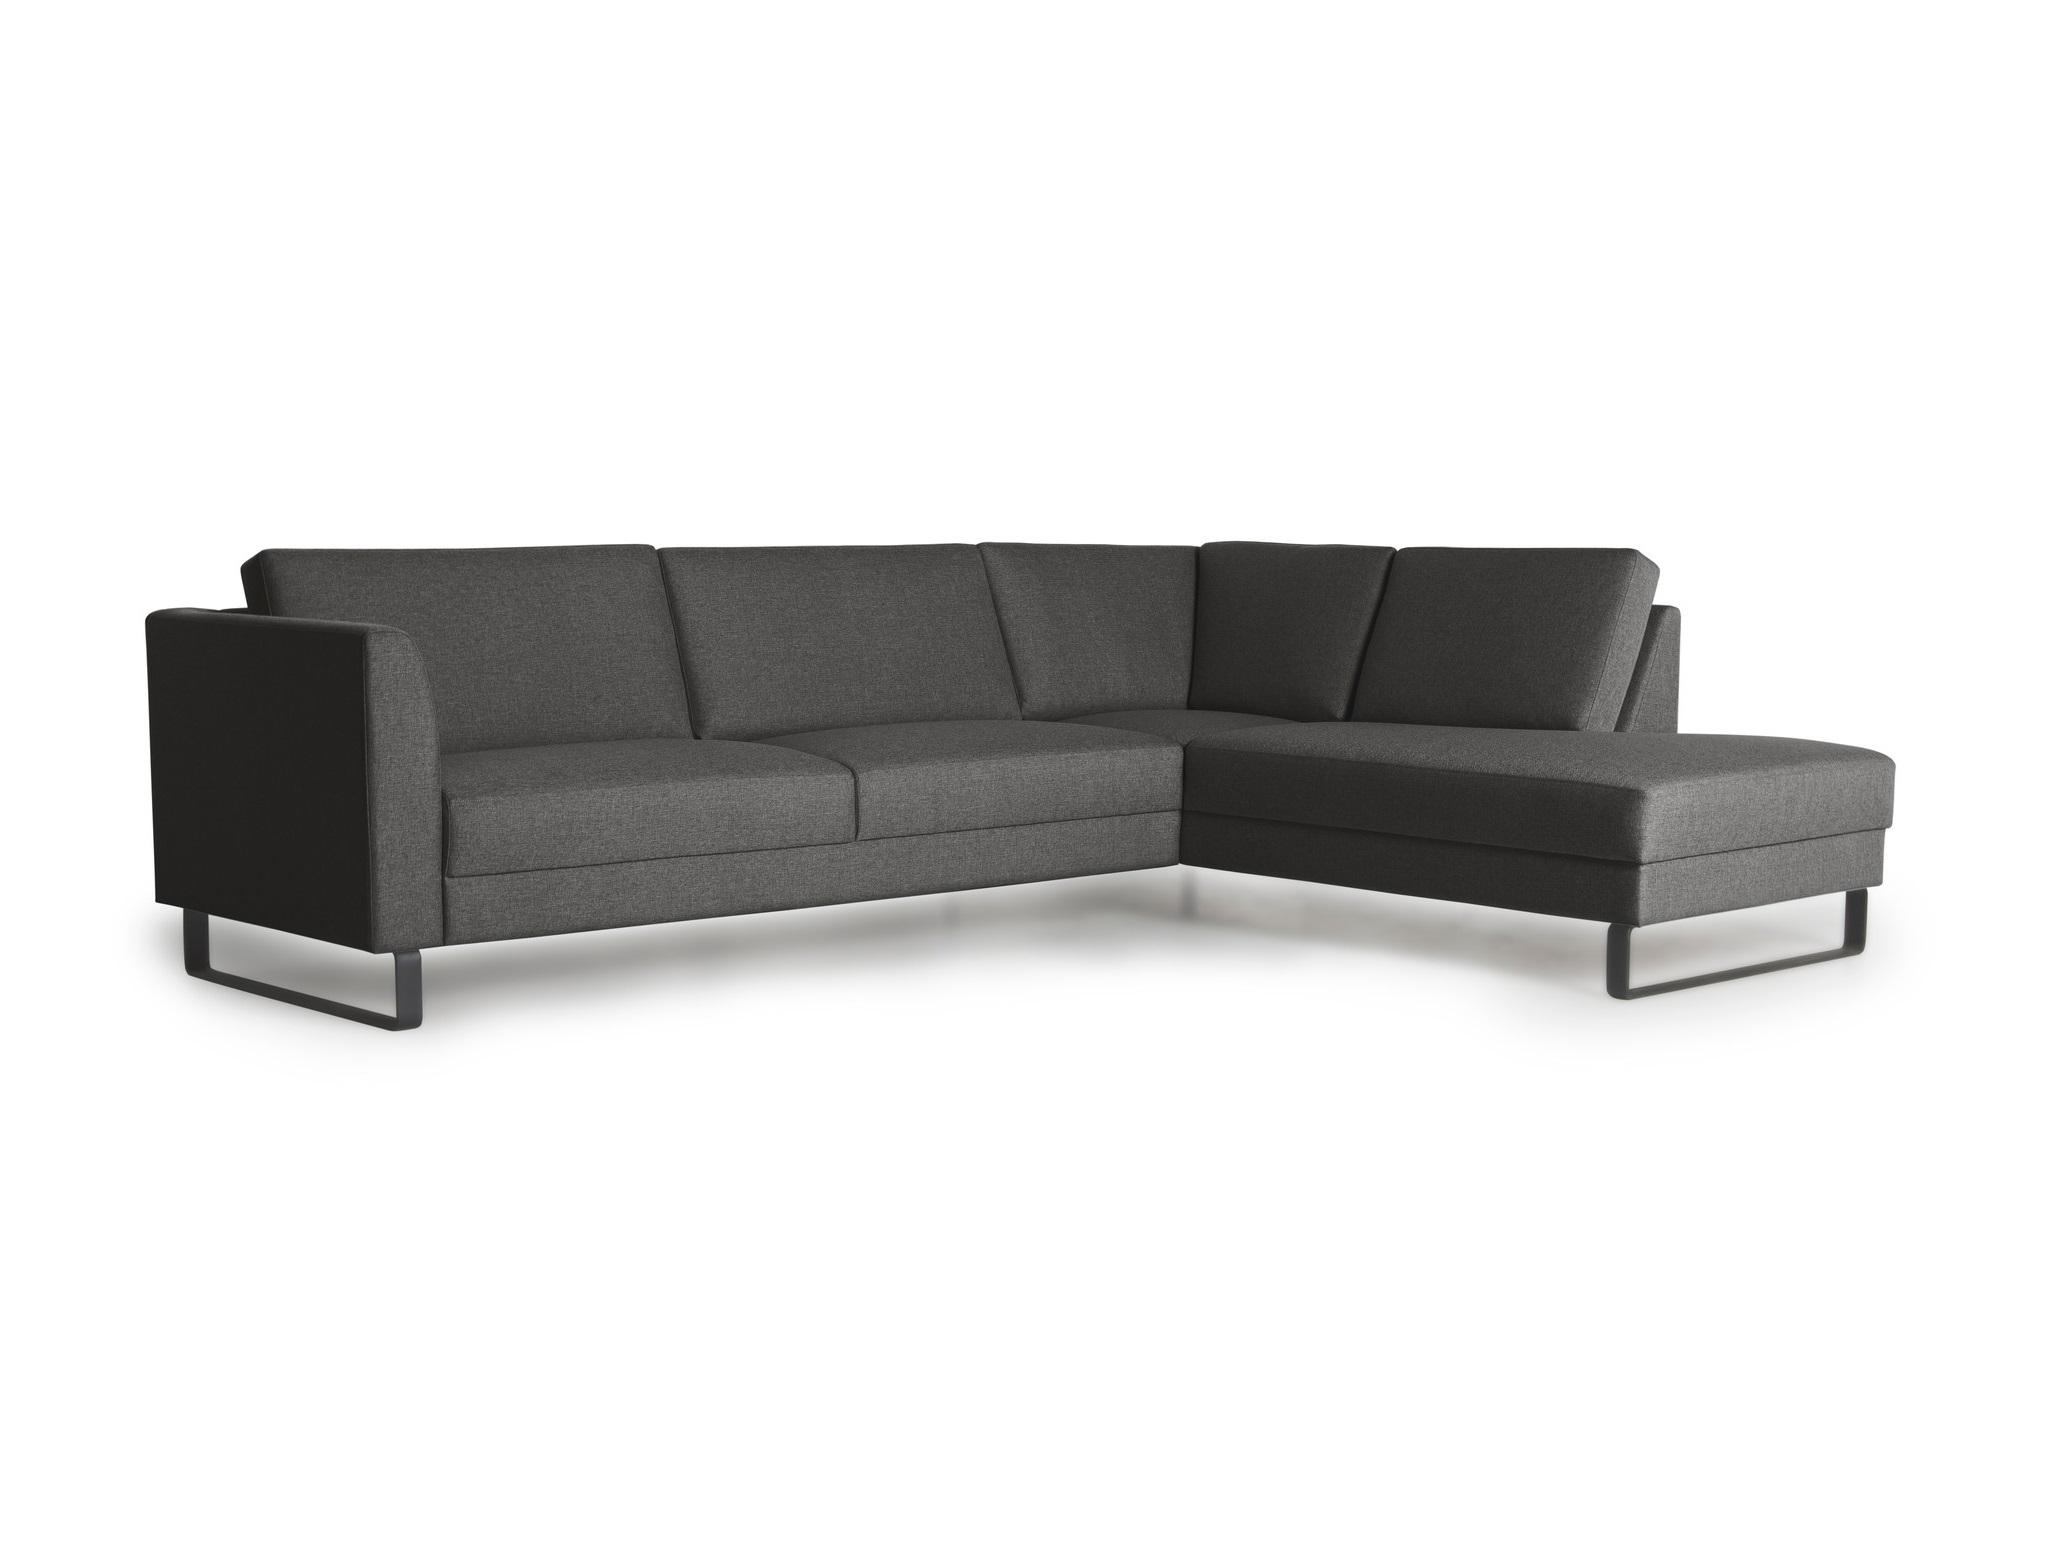 Диван ОулуУгловые диваны<br>Диван Оулу  позволяет рационально использовать пространство комнаты благодаря модульной системе. Отличительной чертой дизайна дивана Оулу являются ножки салазки, что особенно хорошо смотрится в современных интерьерах. Наполнители подушек дивана двухслойные для большего комфорта и износостойкости. На диване Оулу приятным будет отдых для Вас и Ваших близких. Угол можно выбрать самому&amp;nbsp; (угол определяется сидя на диване). Не разбирается.&amp;nbsp;Каркас (комбинации дерева, фанеры и ЛДСП). Для сидячих подушек используют пену различной плотности, а также перо и силиконовое волокно. Для задних подушек есть пять видов наполнения: пена, измельченная пена, пена высокой эластичности, силиконовые волокно.&amp;nbsp;Материал обивки: 100% PP полипропиленовое волокно.&amp;nbsp;<br><br>kit: None<br>gender: None